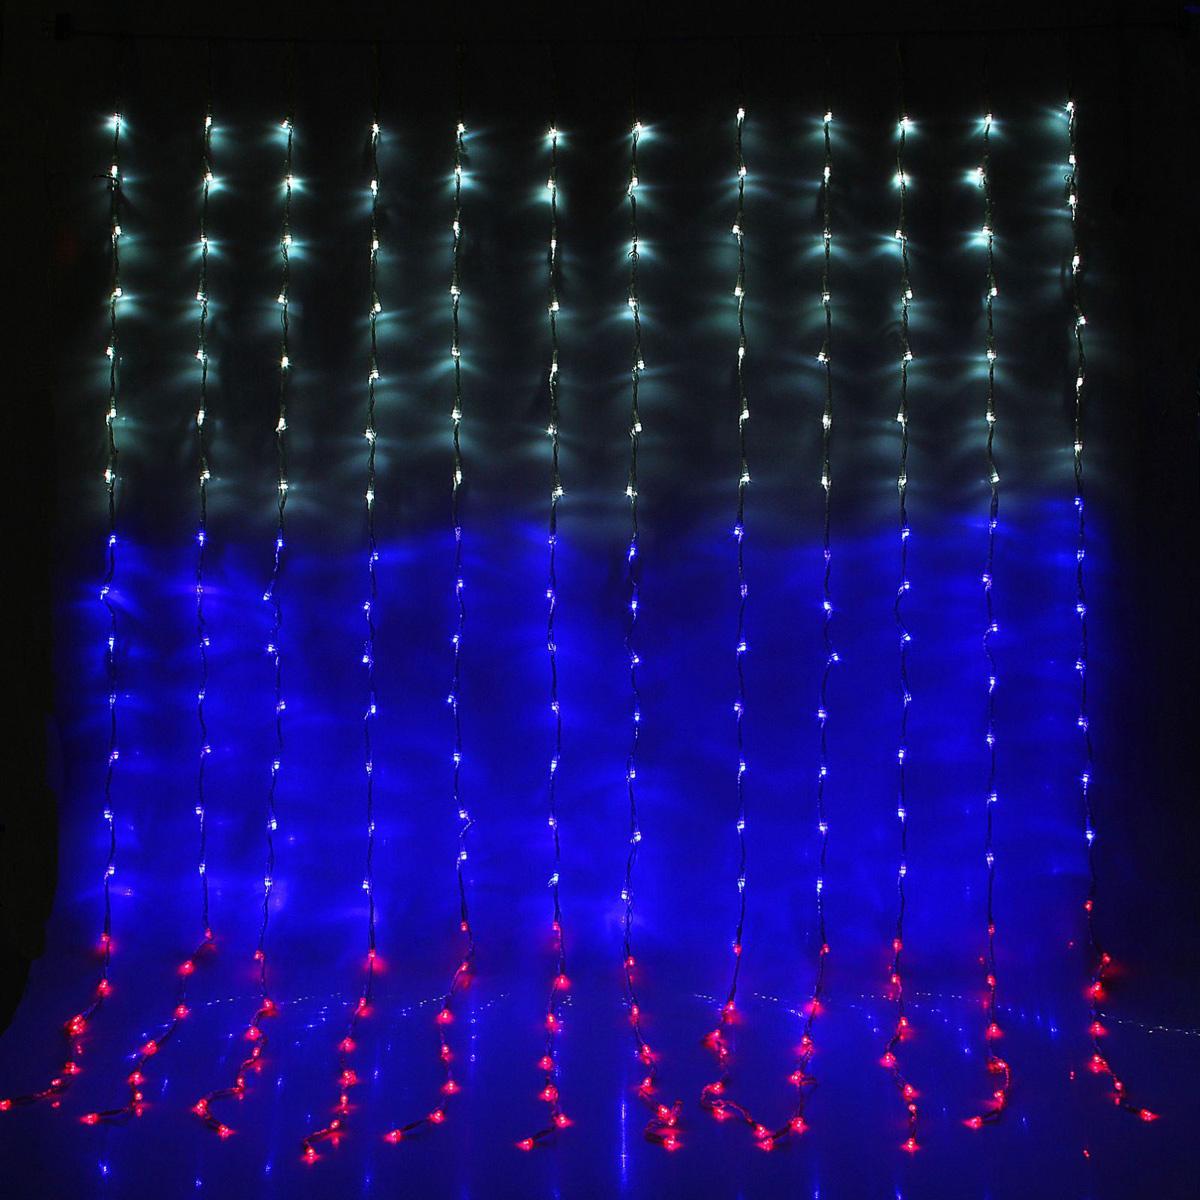 Гирлянда светодиодная Luazon Дождь. Флаг России, 8 режимов, 420 ламп, 220 V, цвет: белый, синий, красный, 2 х 1,5 м. 10804821080482Светодиодные гирлянды, ленты и т.д — это отличный вариант для новогоднего оформления интерьера или фасада. С их помощью помещение любого размера можно превратить в праздничный зал, а внешние элементы зданий, украшенные ими, мгновенно станут напоминать очертания сказочного дворца. Такие украшения создают ауру предвкушения чуда. Деревья, фасады, витрины, окна и арки будто специально созданы, чтобы вы украсили их светящимися нитями.